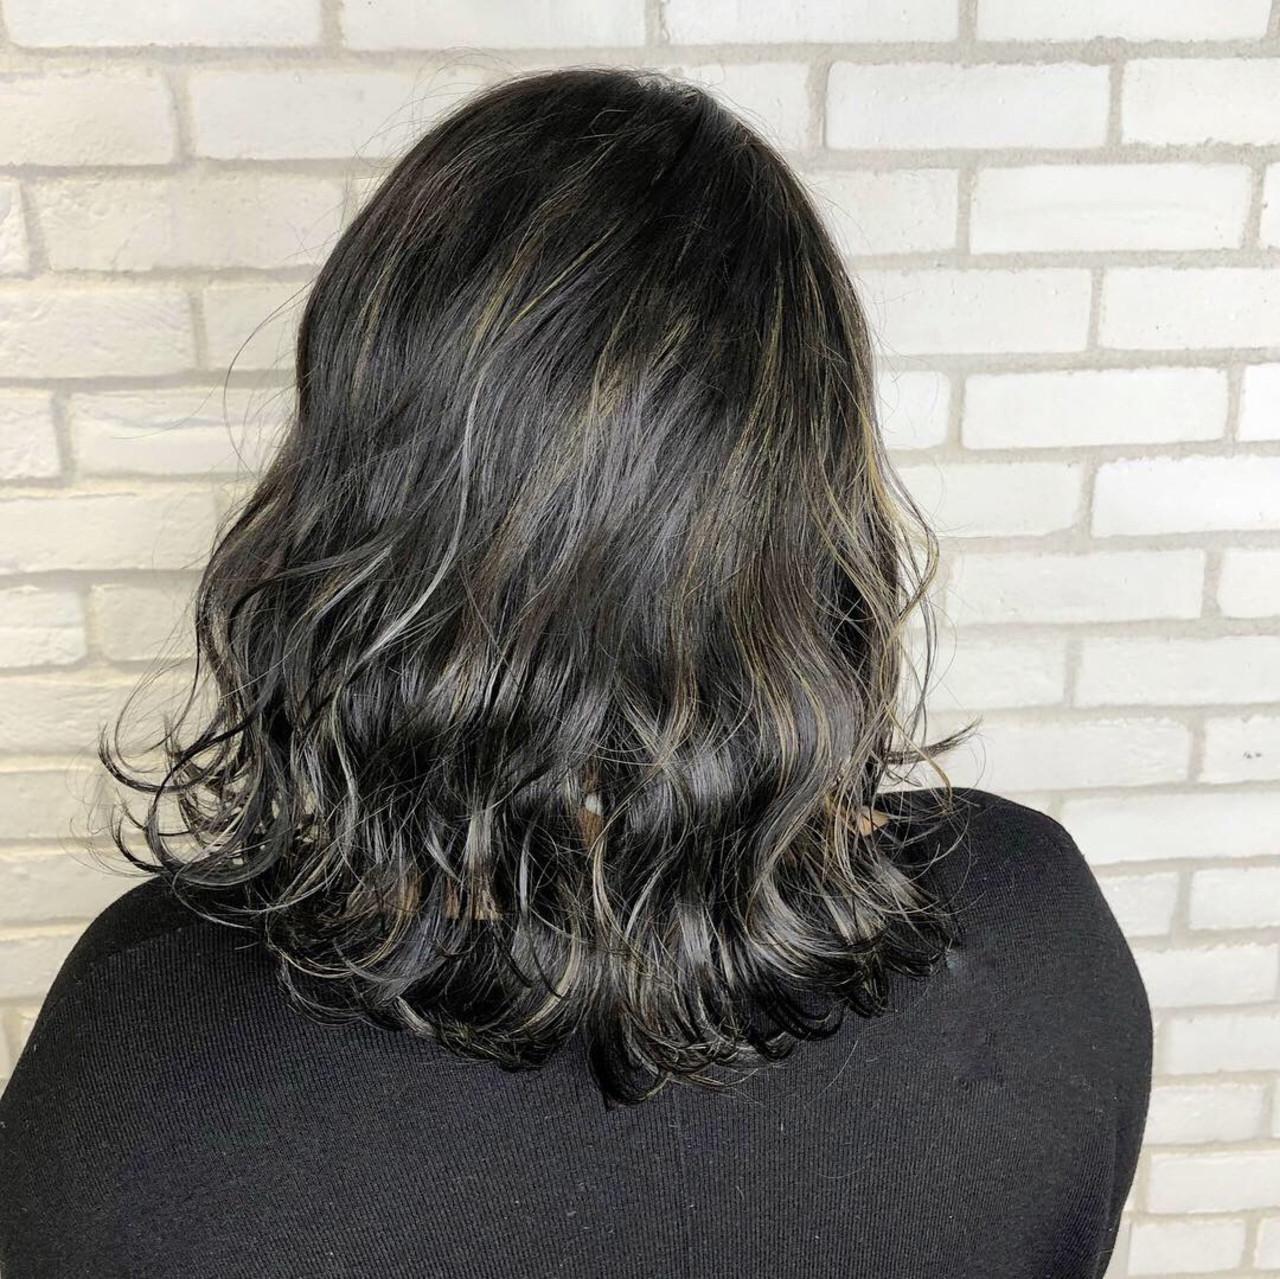 アディクシーカラー グレージュ シルバーグレー ミディアム ヘアスタイルや髪型の写真・画像